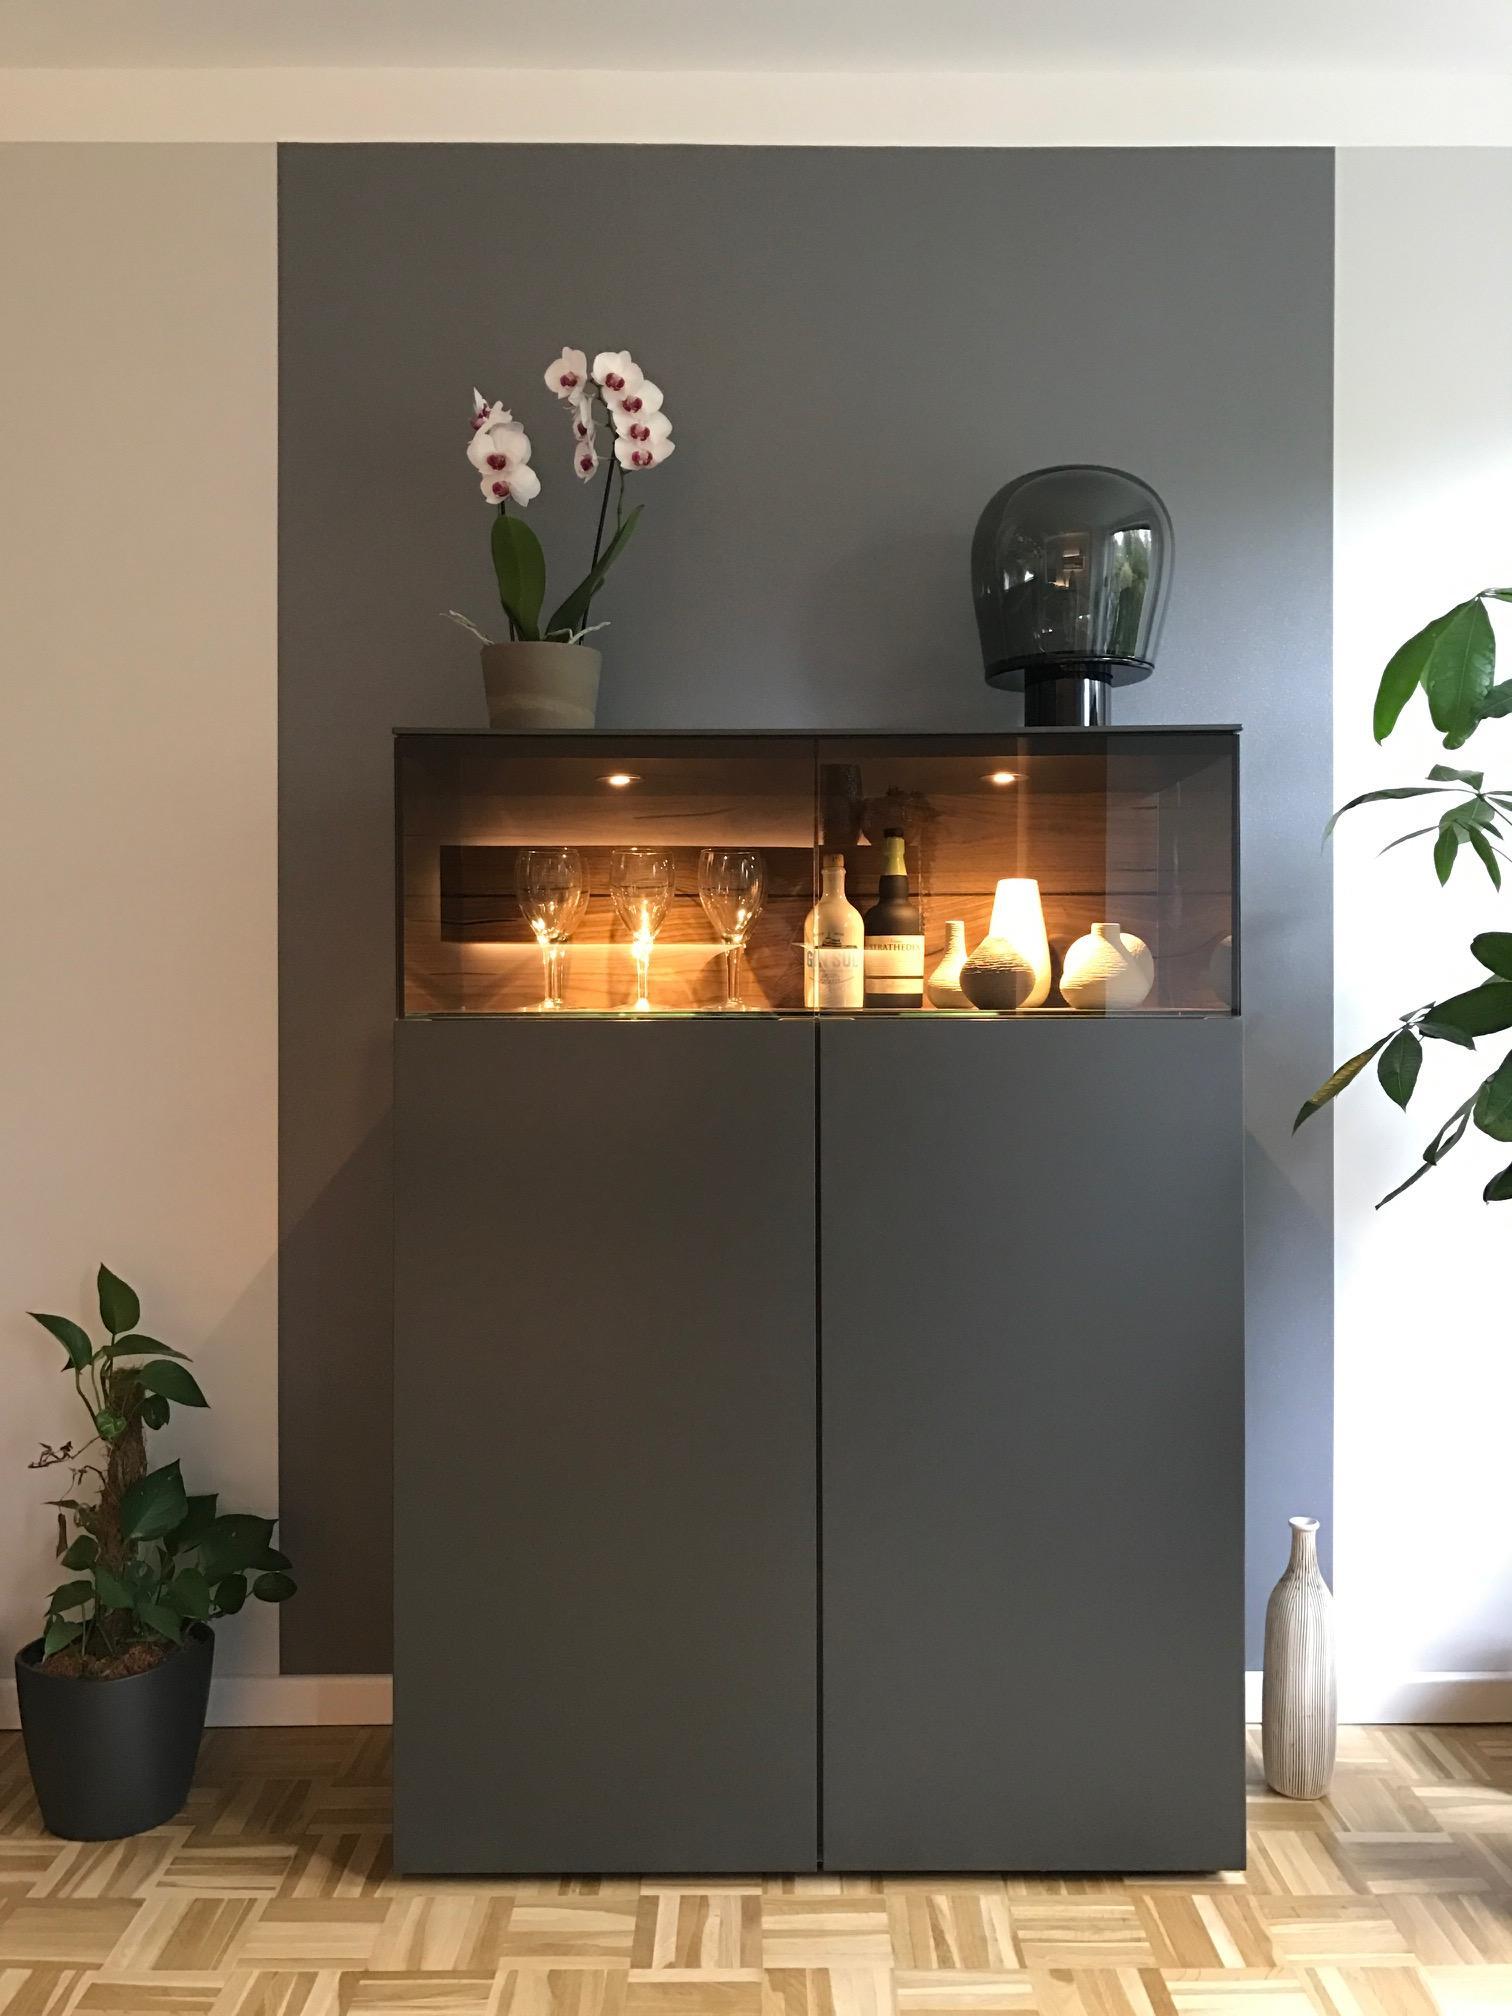 Farben im Wohnzimmer • Bilder & Ideen • COUCHstyle